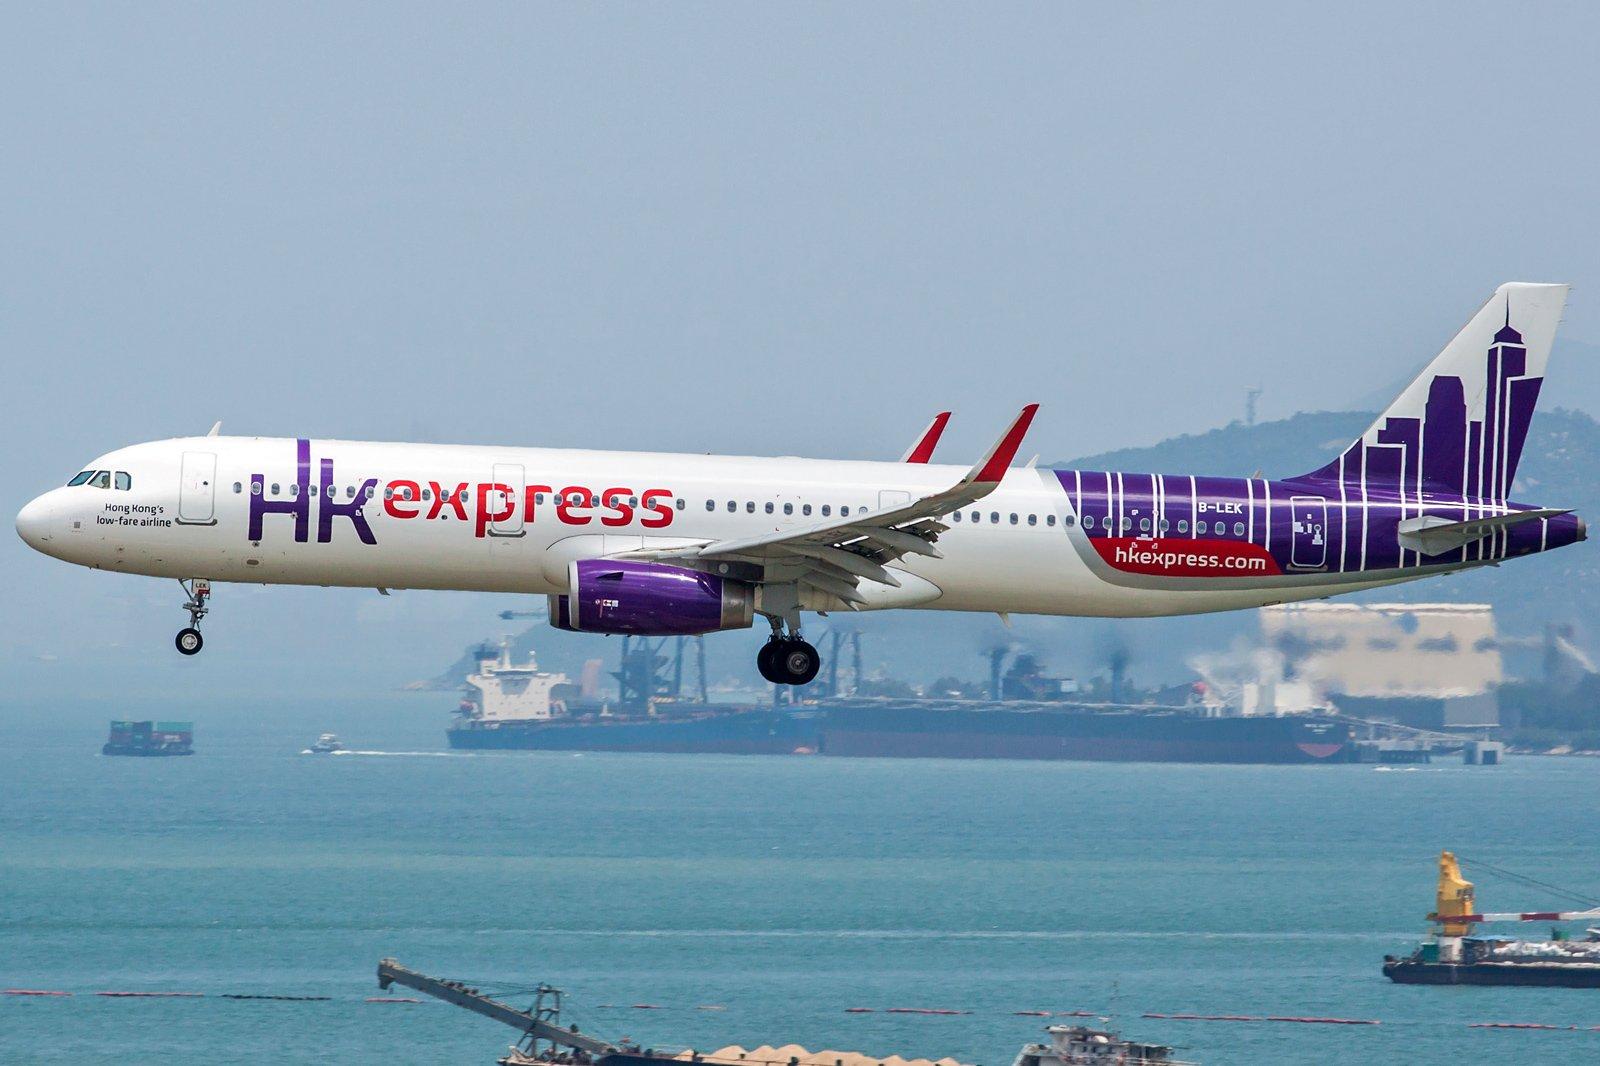 Hong Kong Express Airbus A321-231(WL) B-LEK